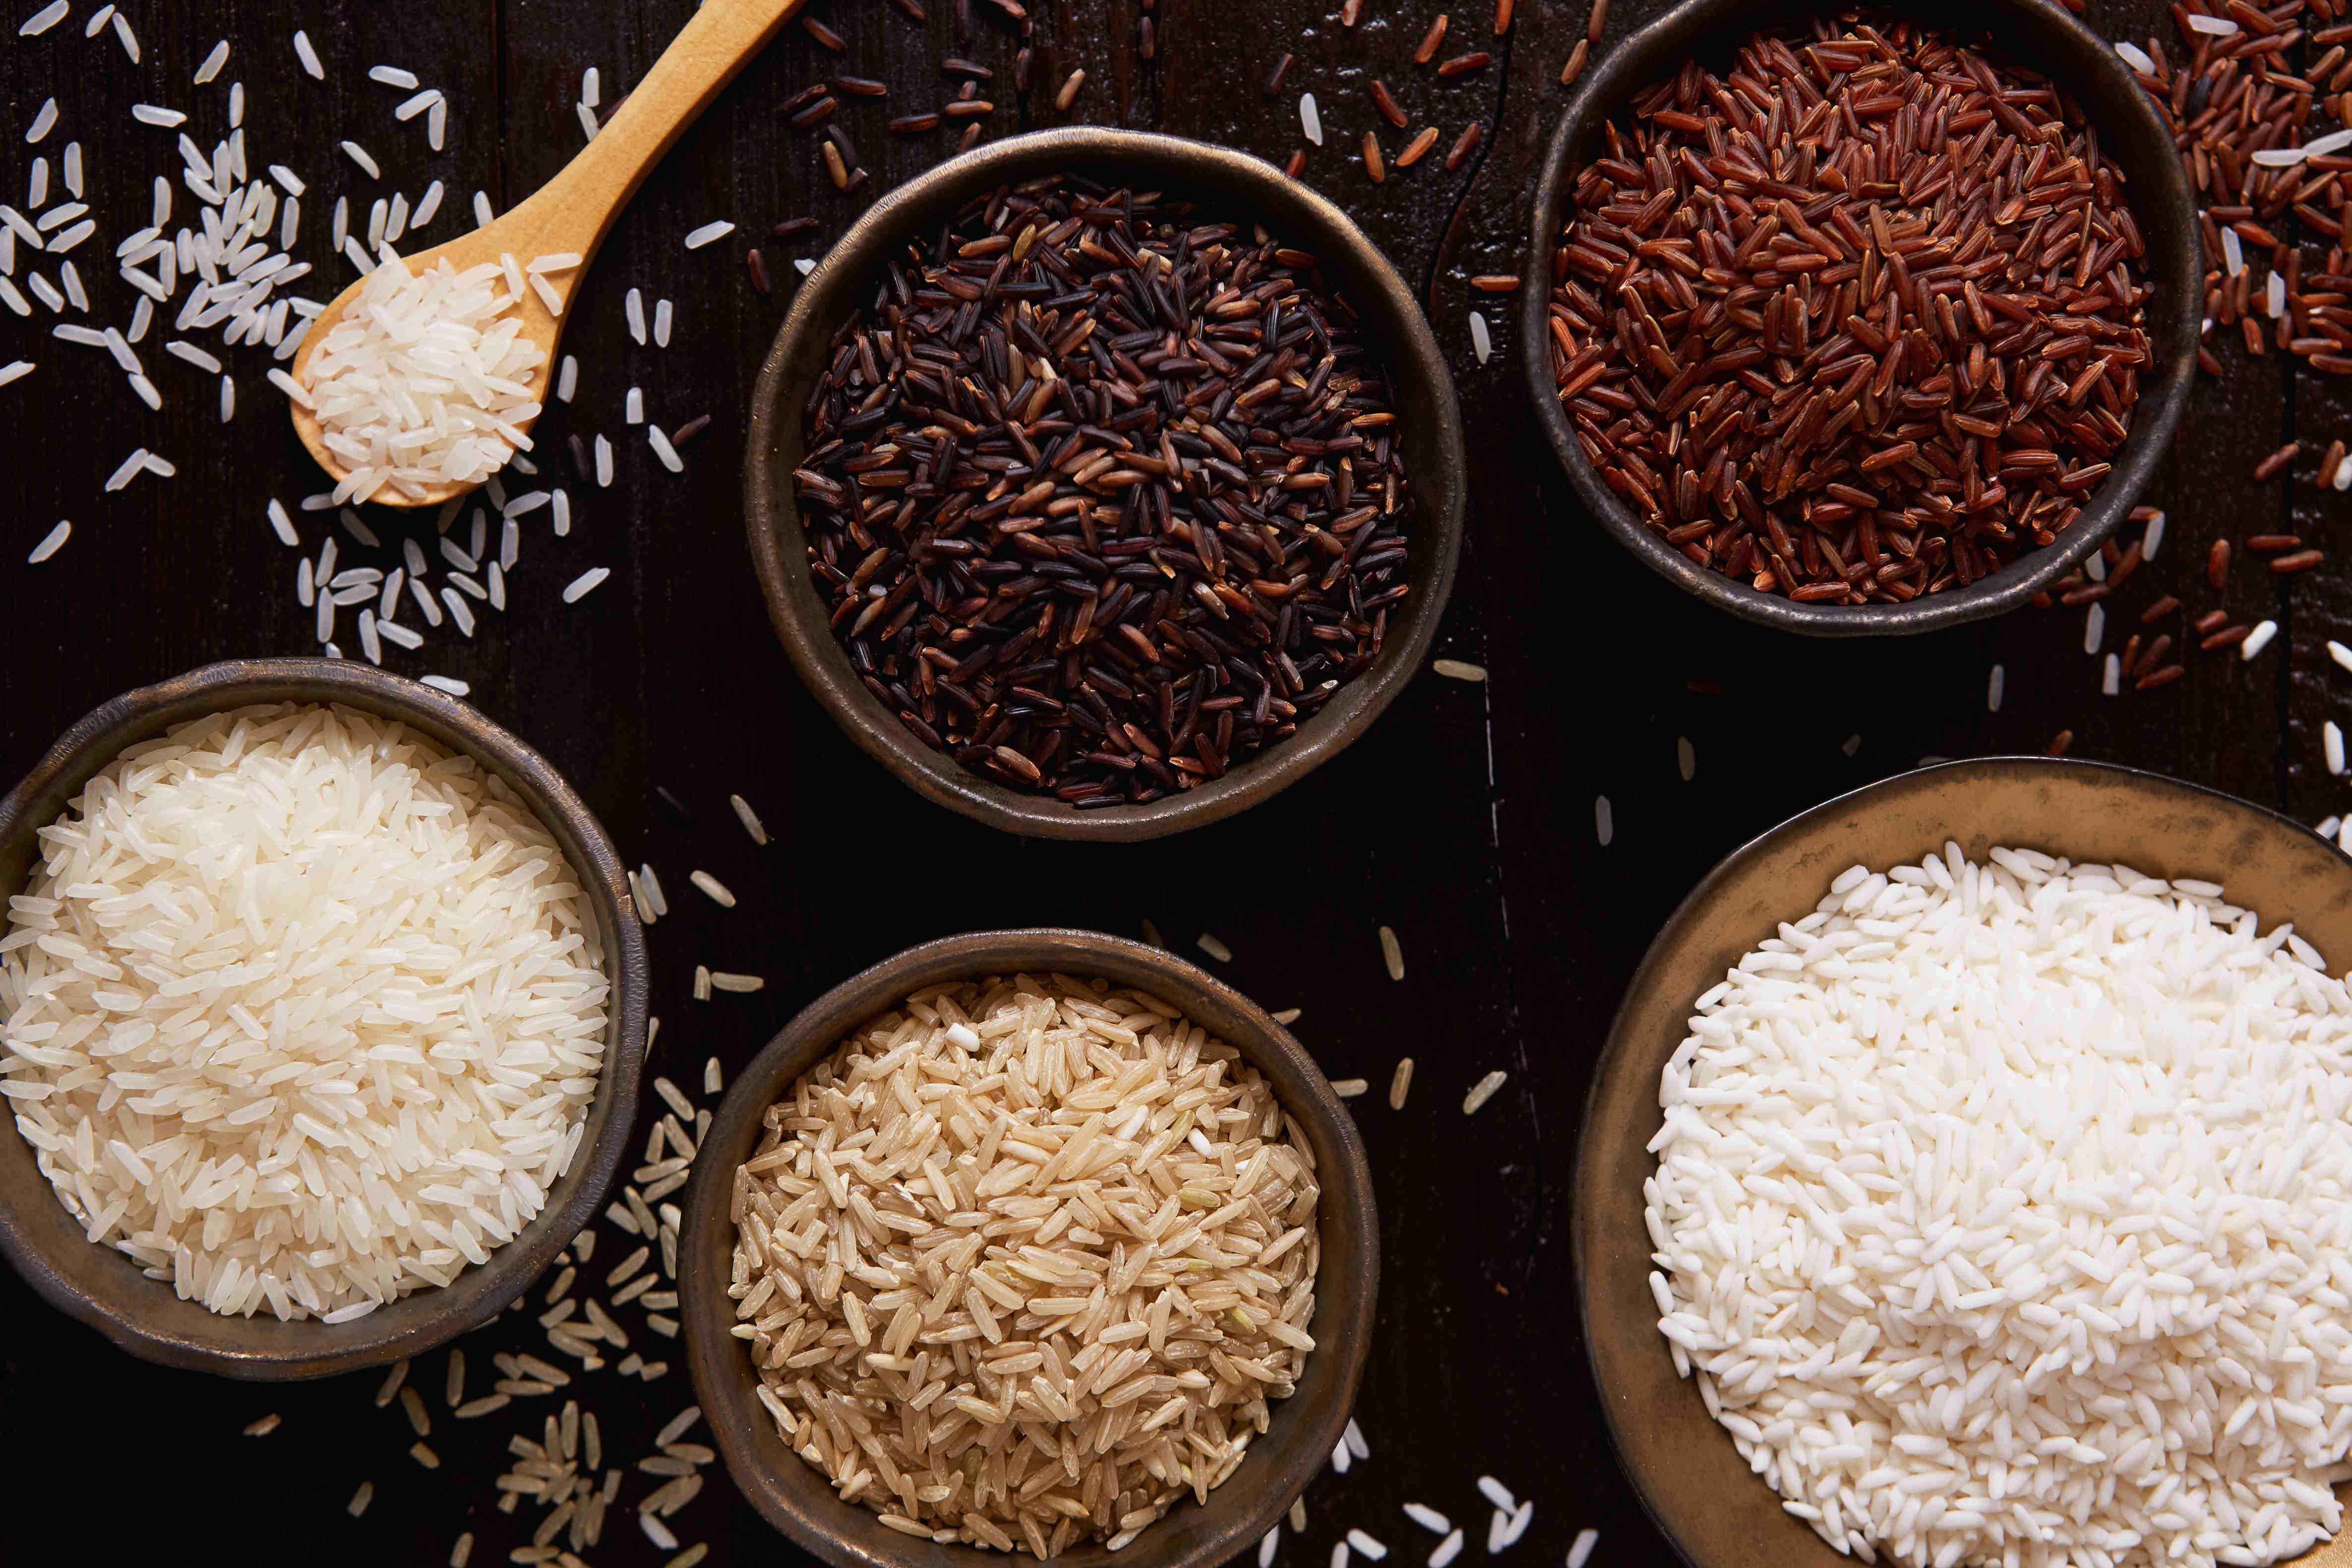 ясеня, имеющая все виды риса фото славится разнообразием